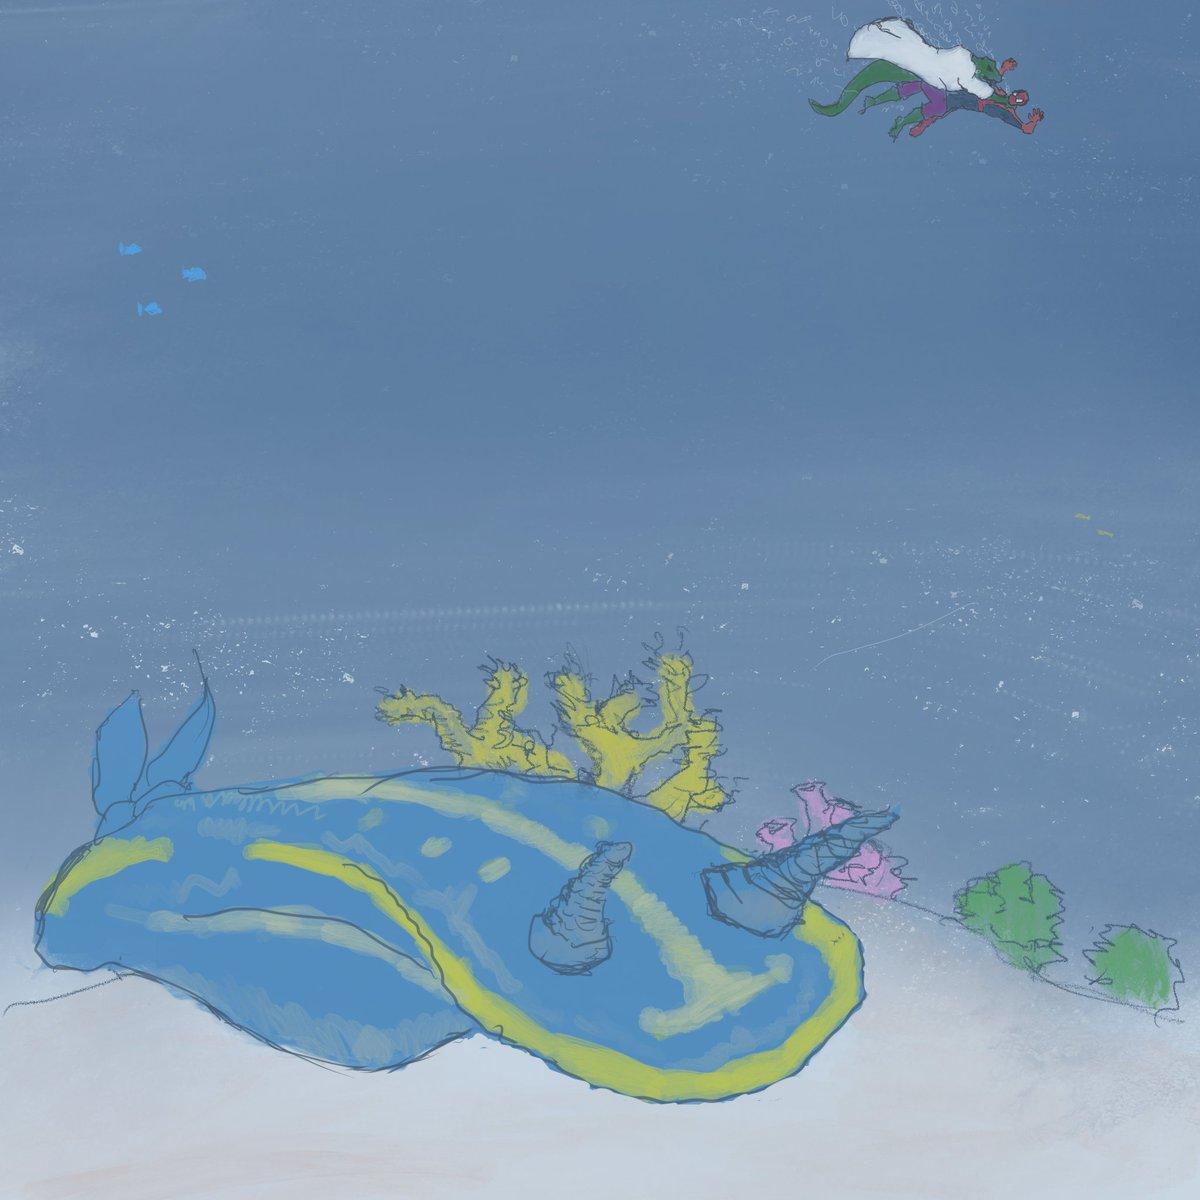 Underwater 3/365 #sketchdaily